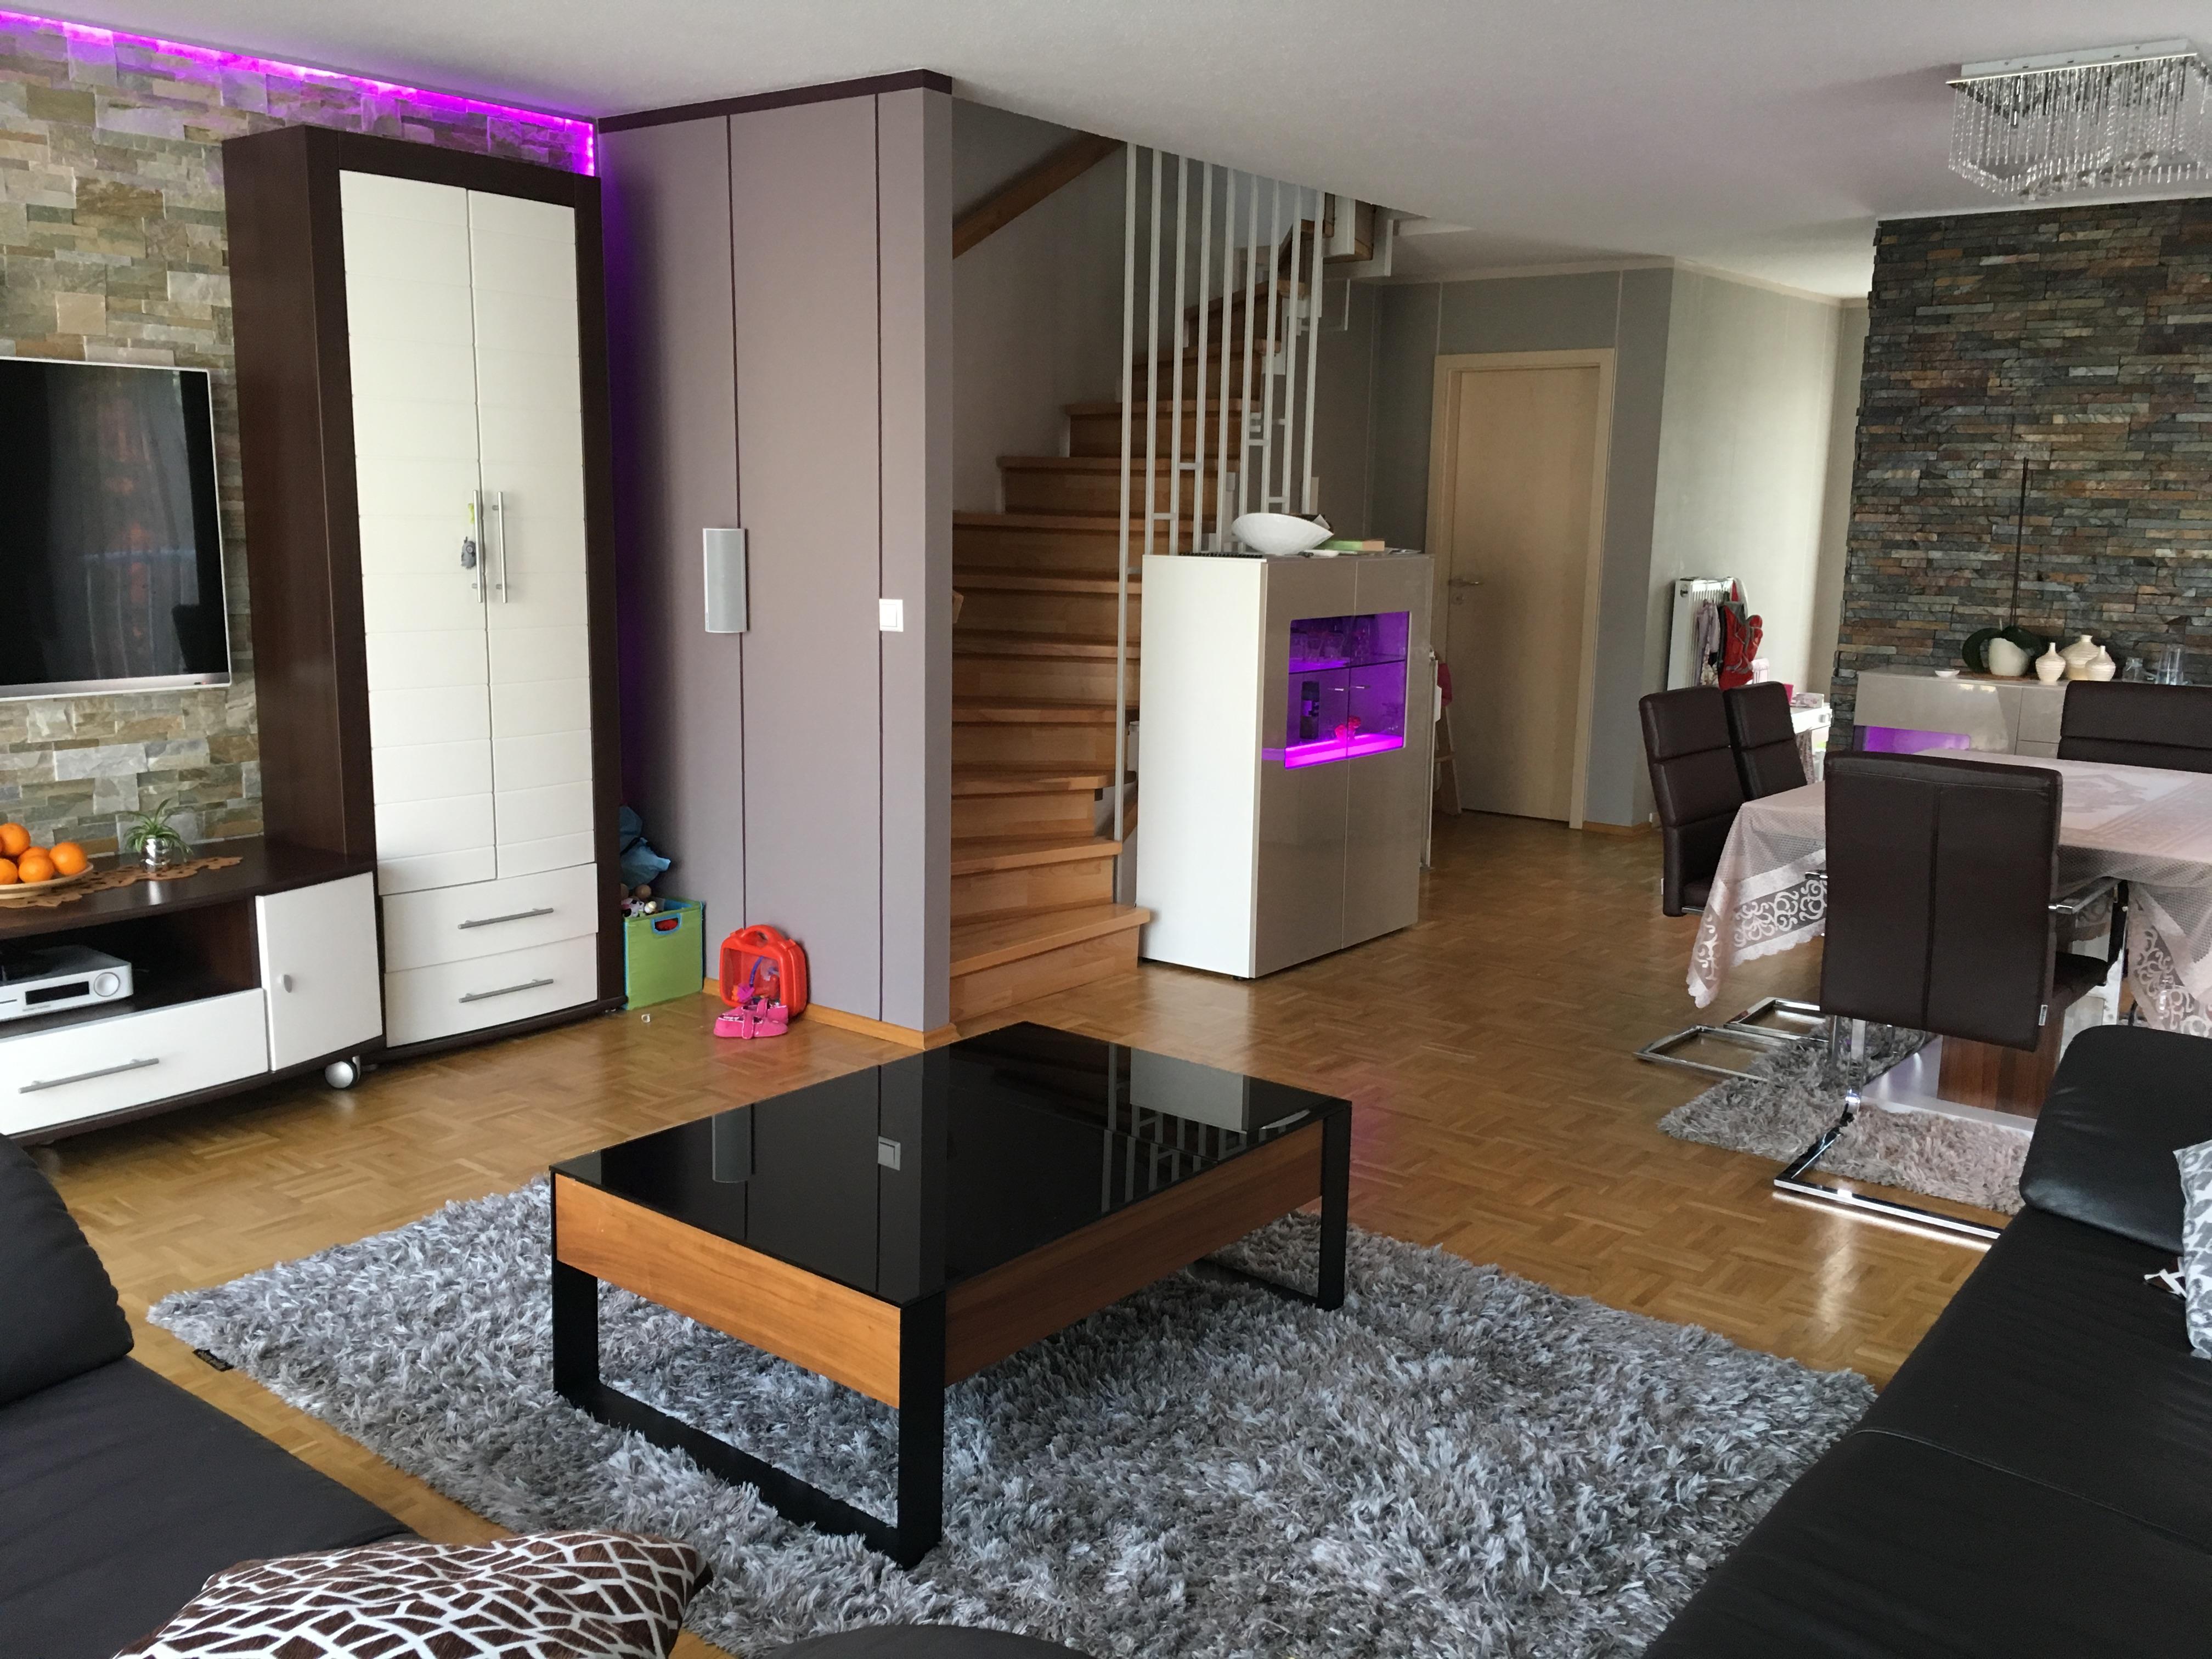 puristisches clever wohnkonzept reihenendhaus mit garten. Black Bedroom Furniture Sets. Home Design Ideas